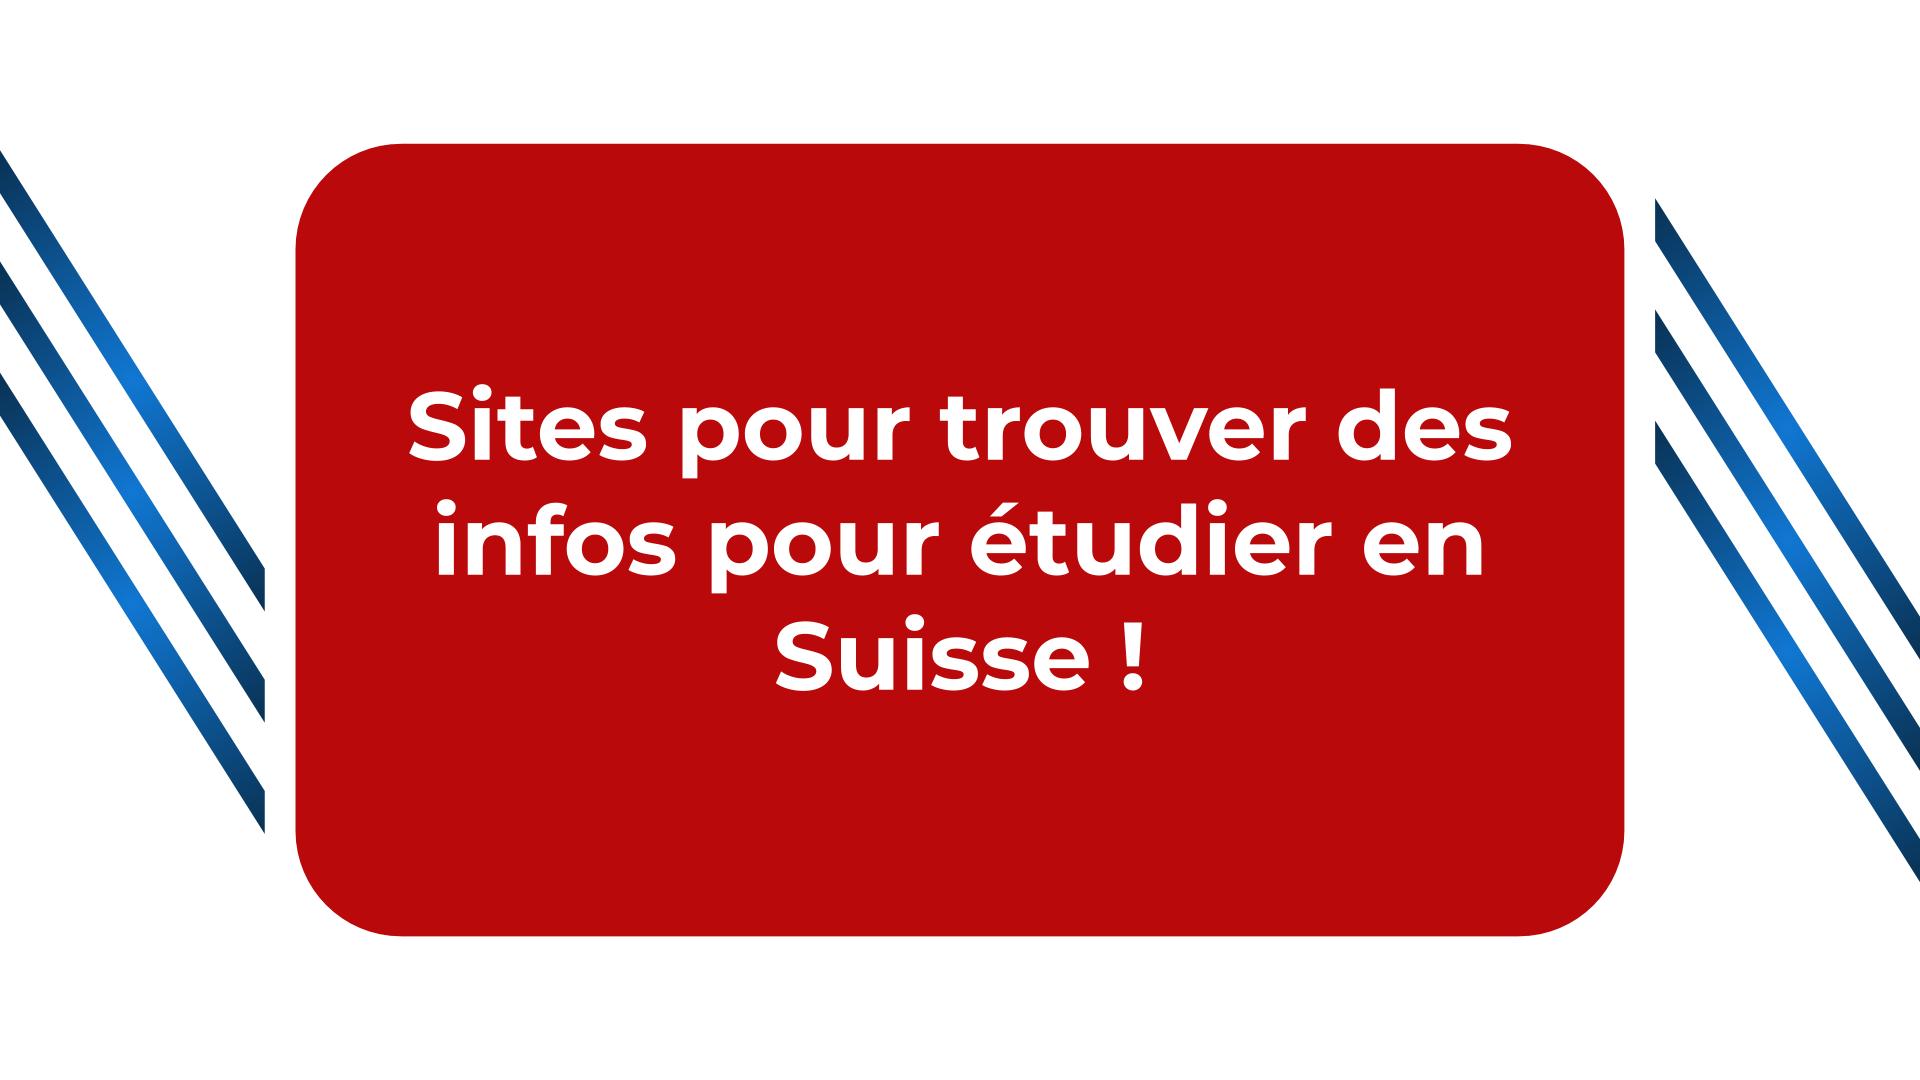 Sites pour trouver des infos pour étudier en Suisse !